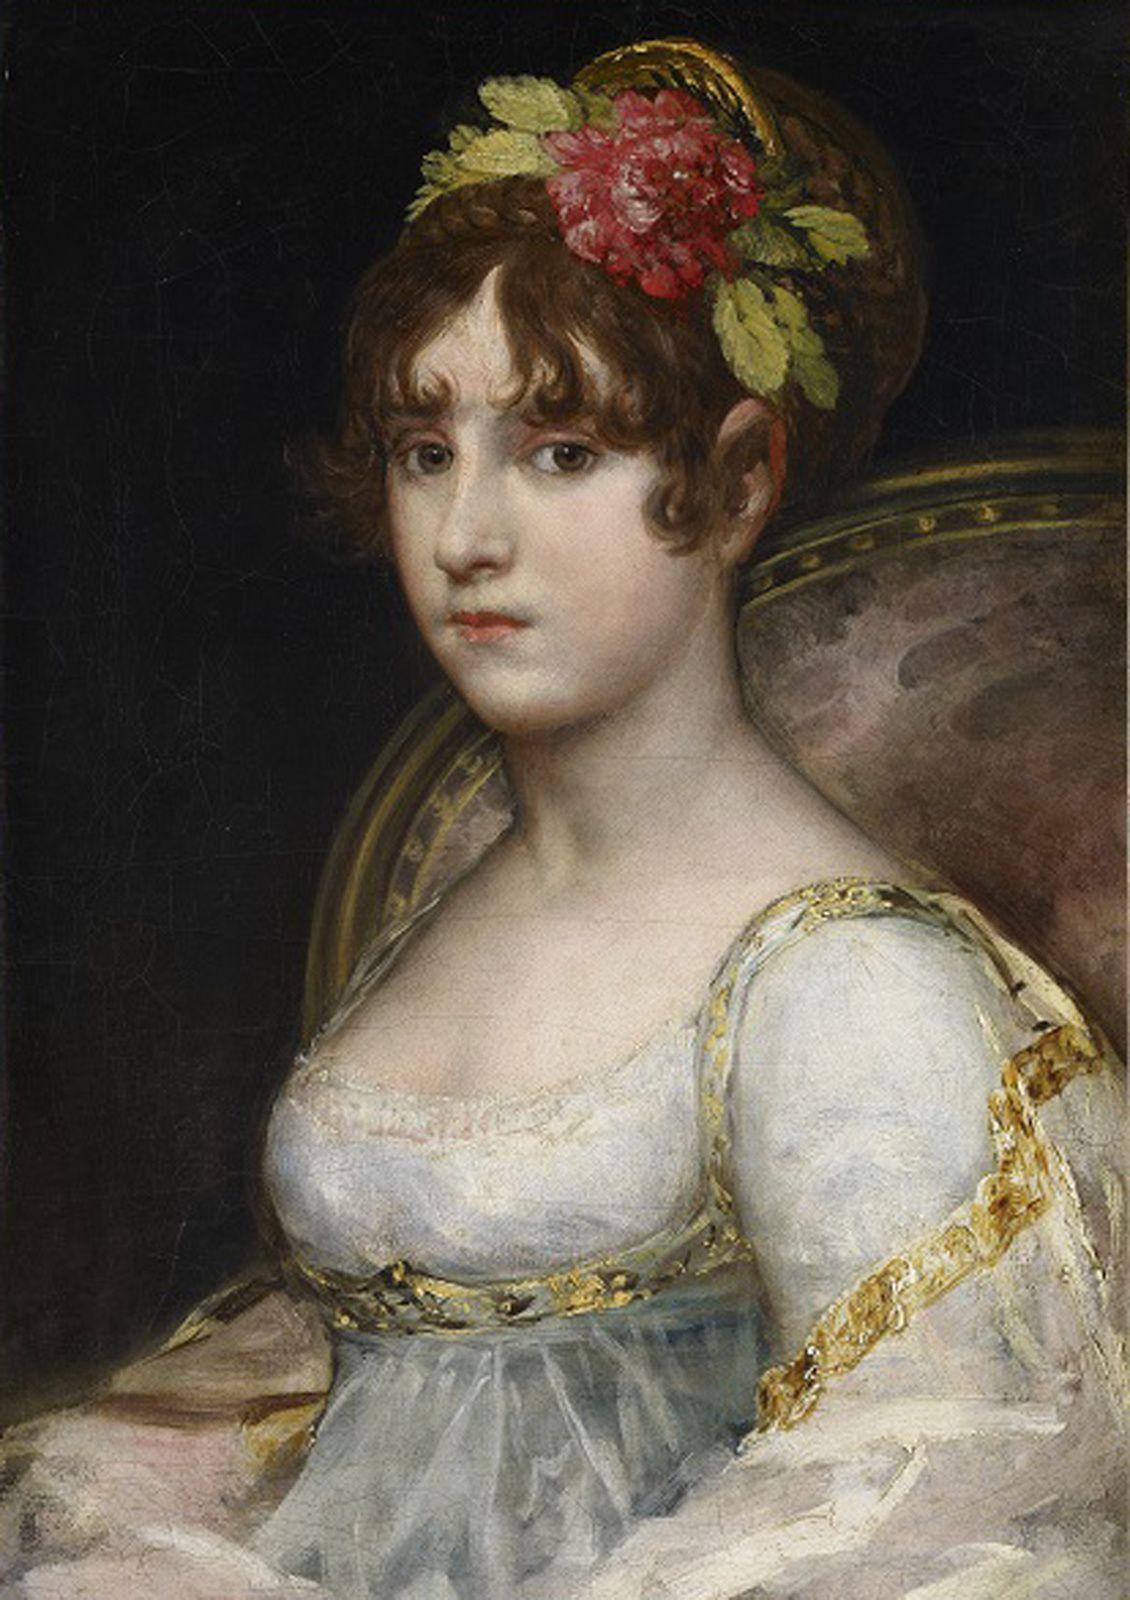 """""""Portrait de la contesse de Haro"""", vers 1802-1803 de Francesco de Goya y Lucientes - Courtesy Collection Alicia KOPLOWITZ - Grupo Omega Capital"""